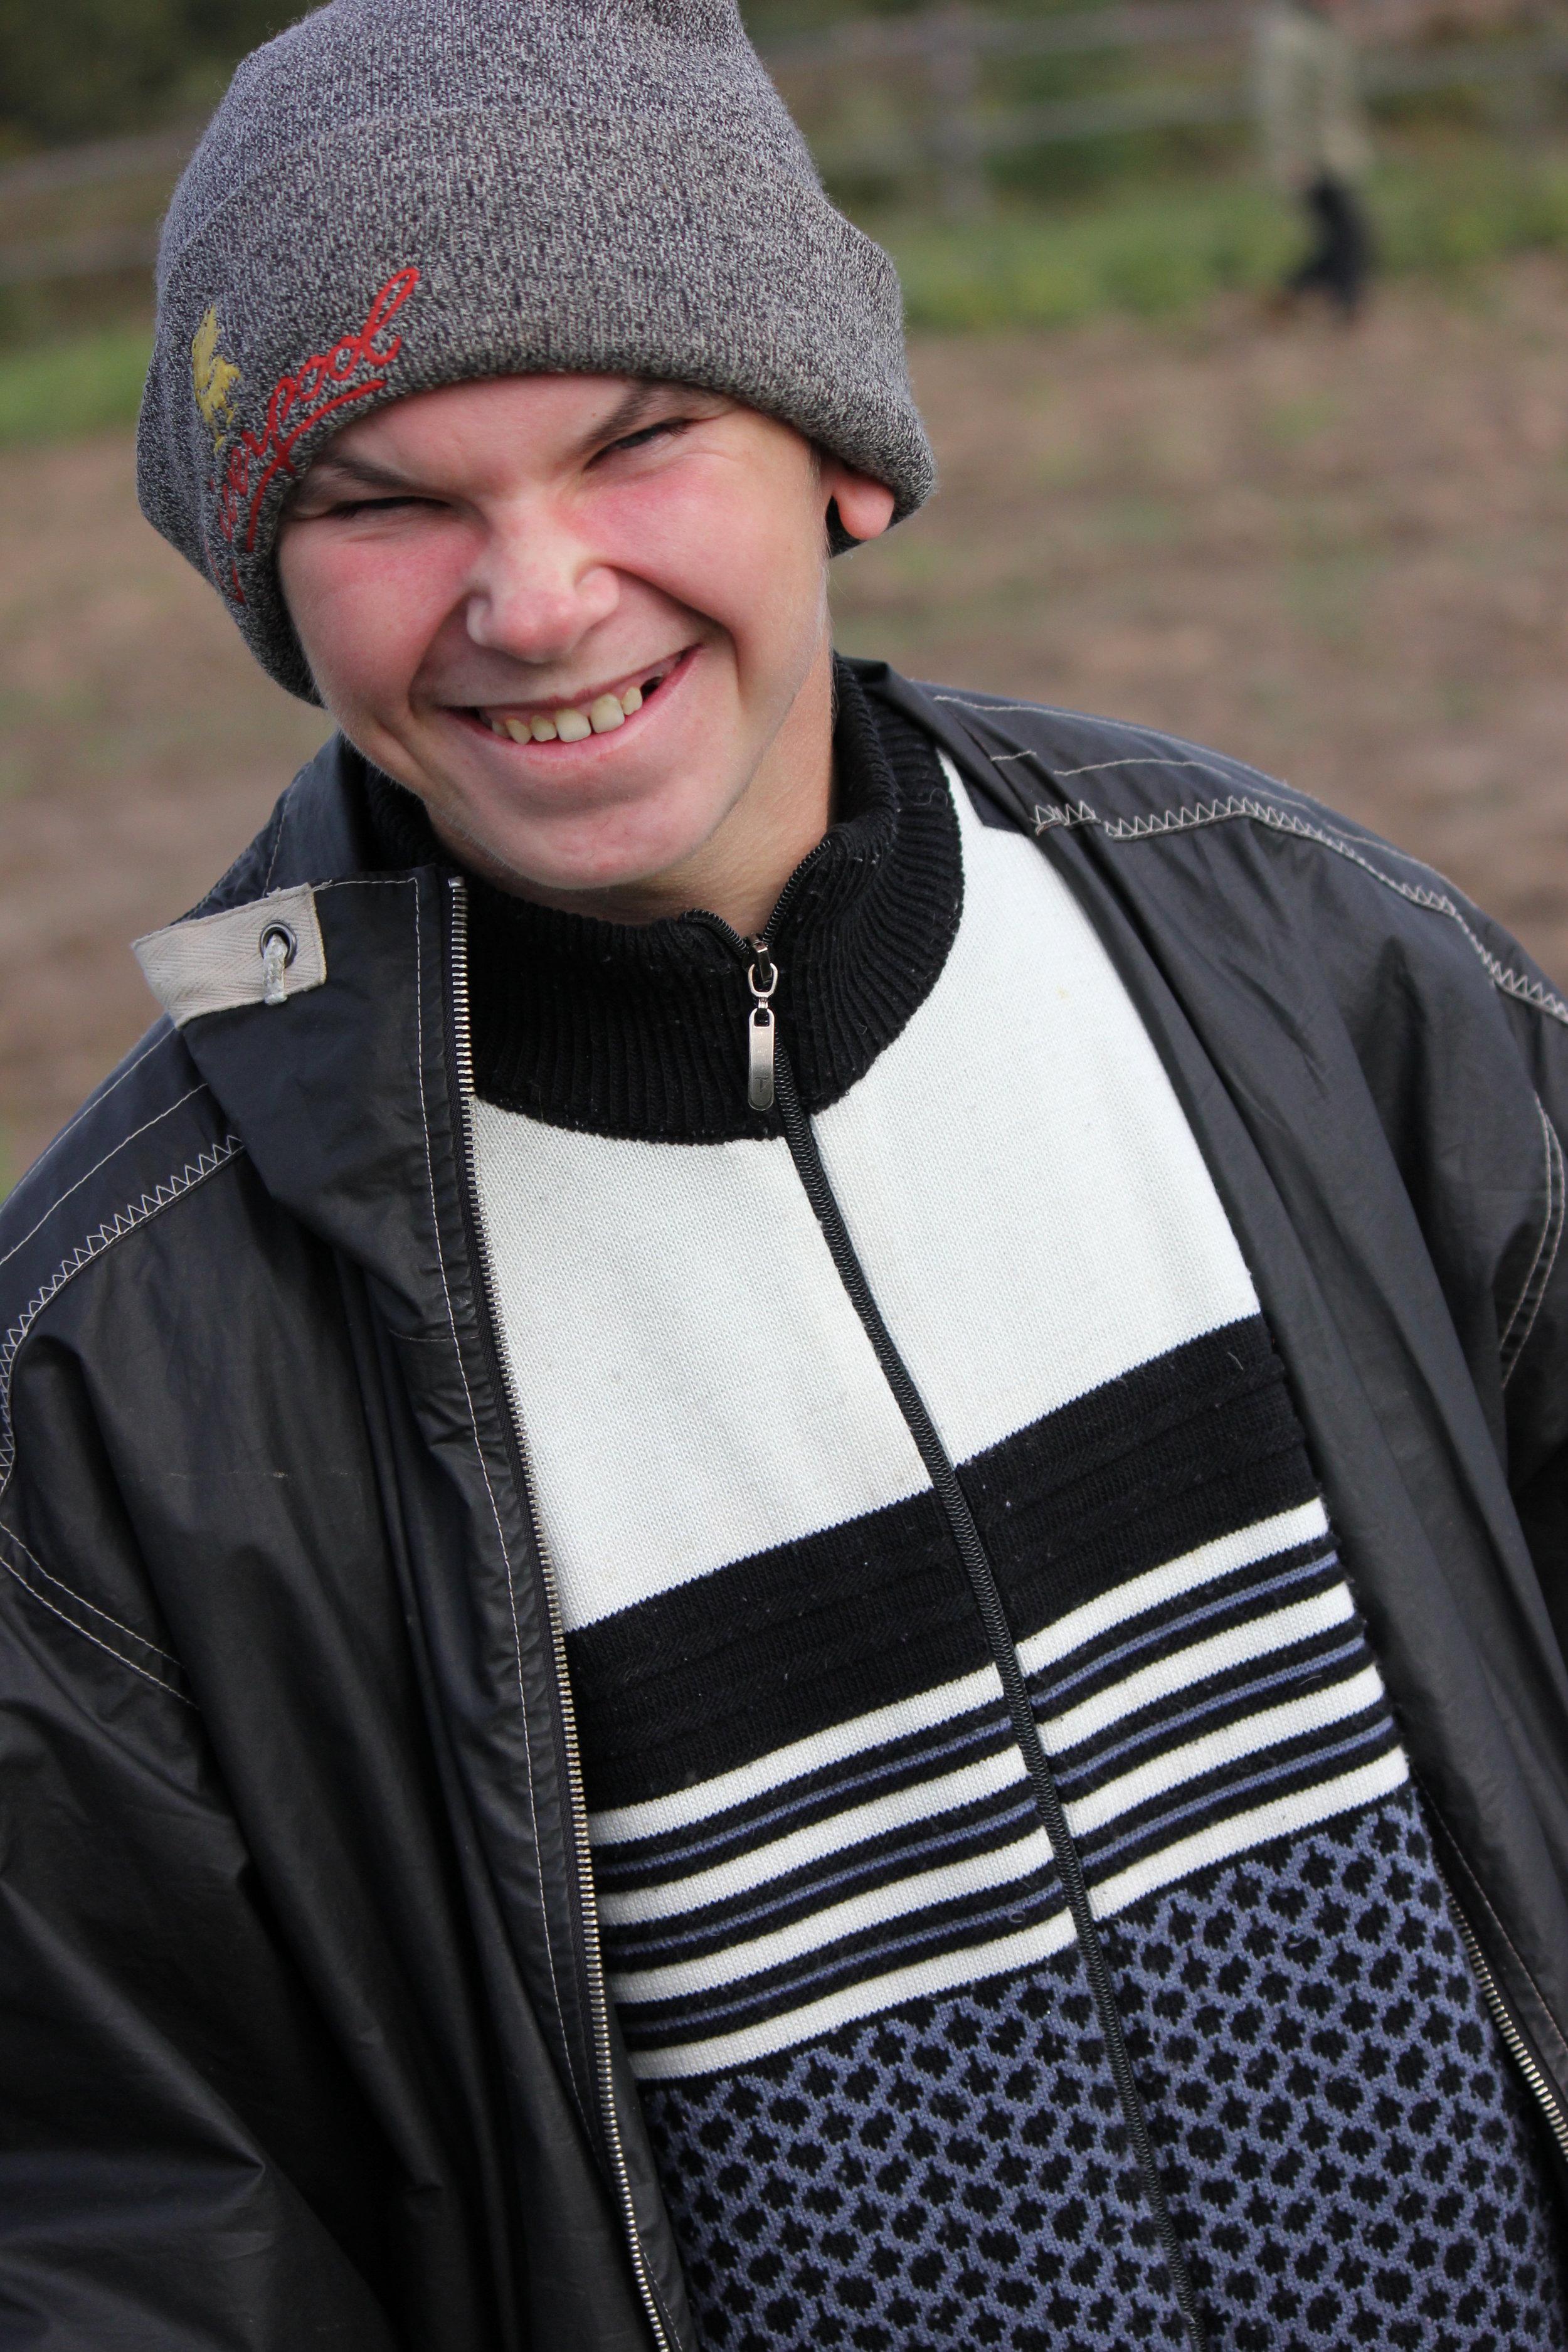 Tolik at the Vladimir Dacha